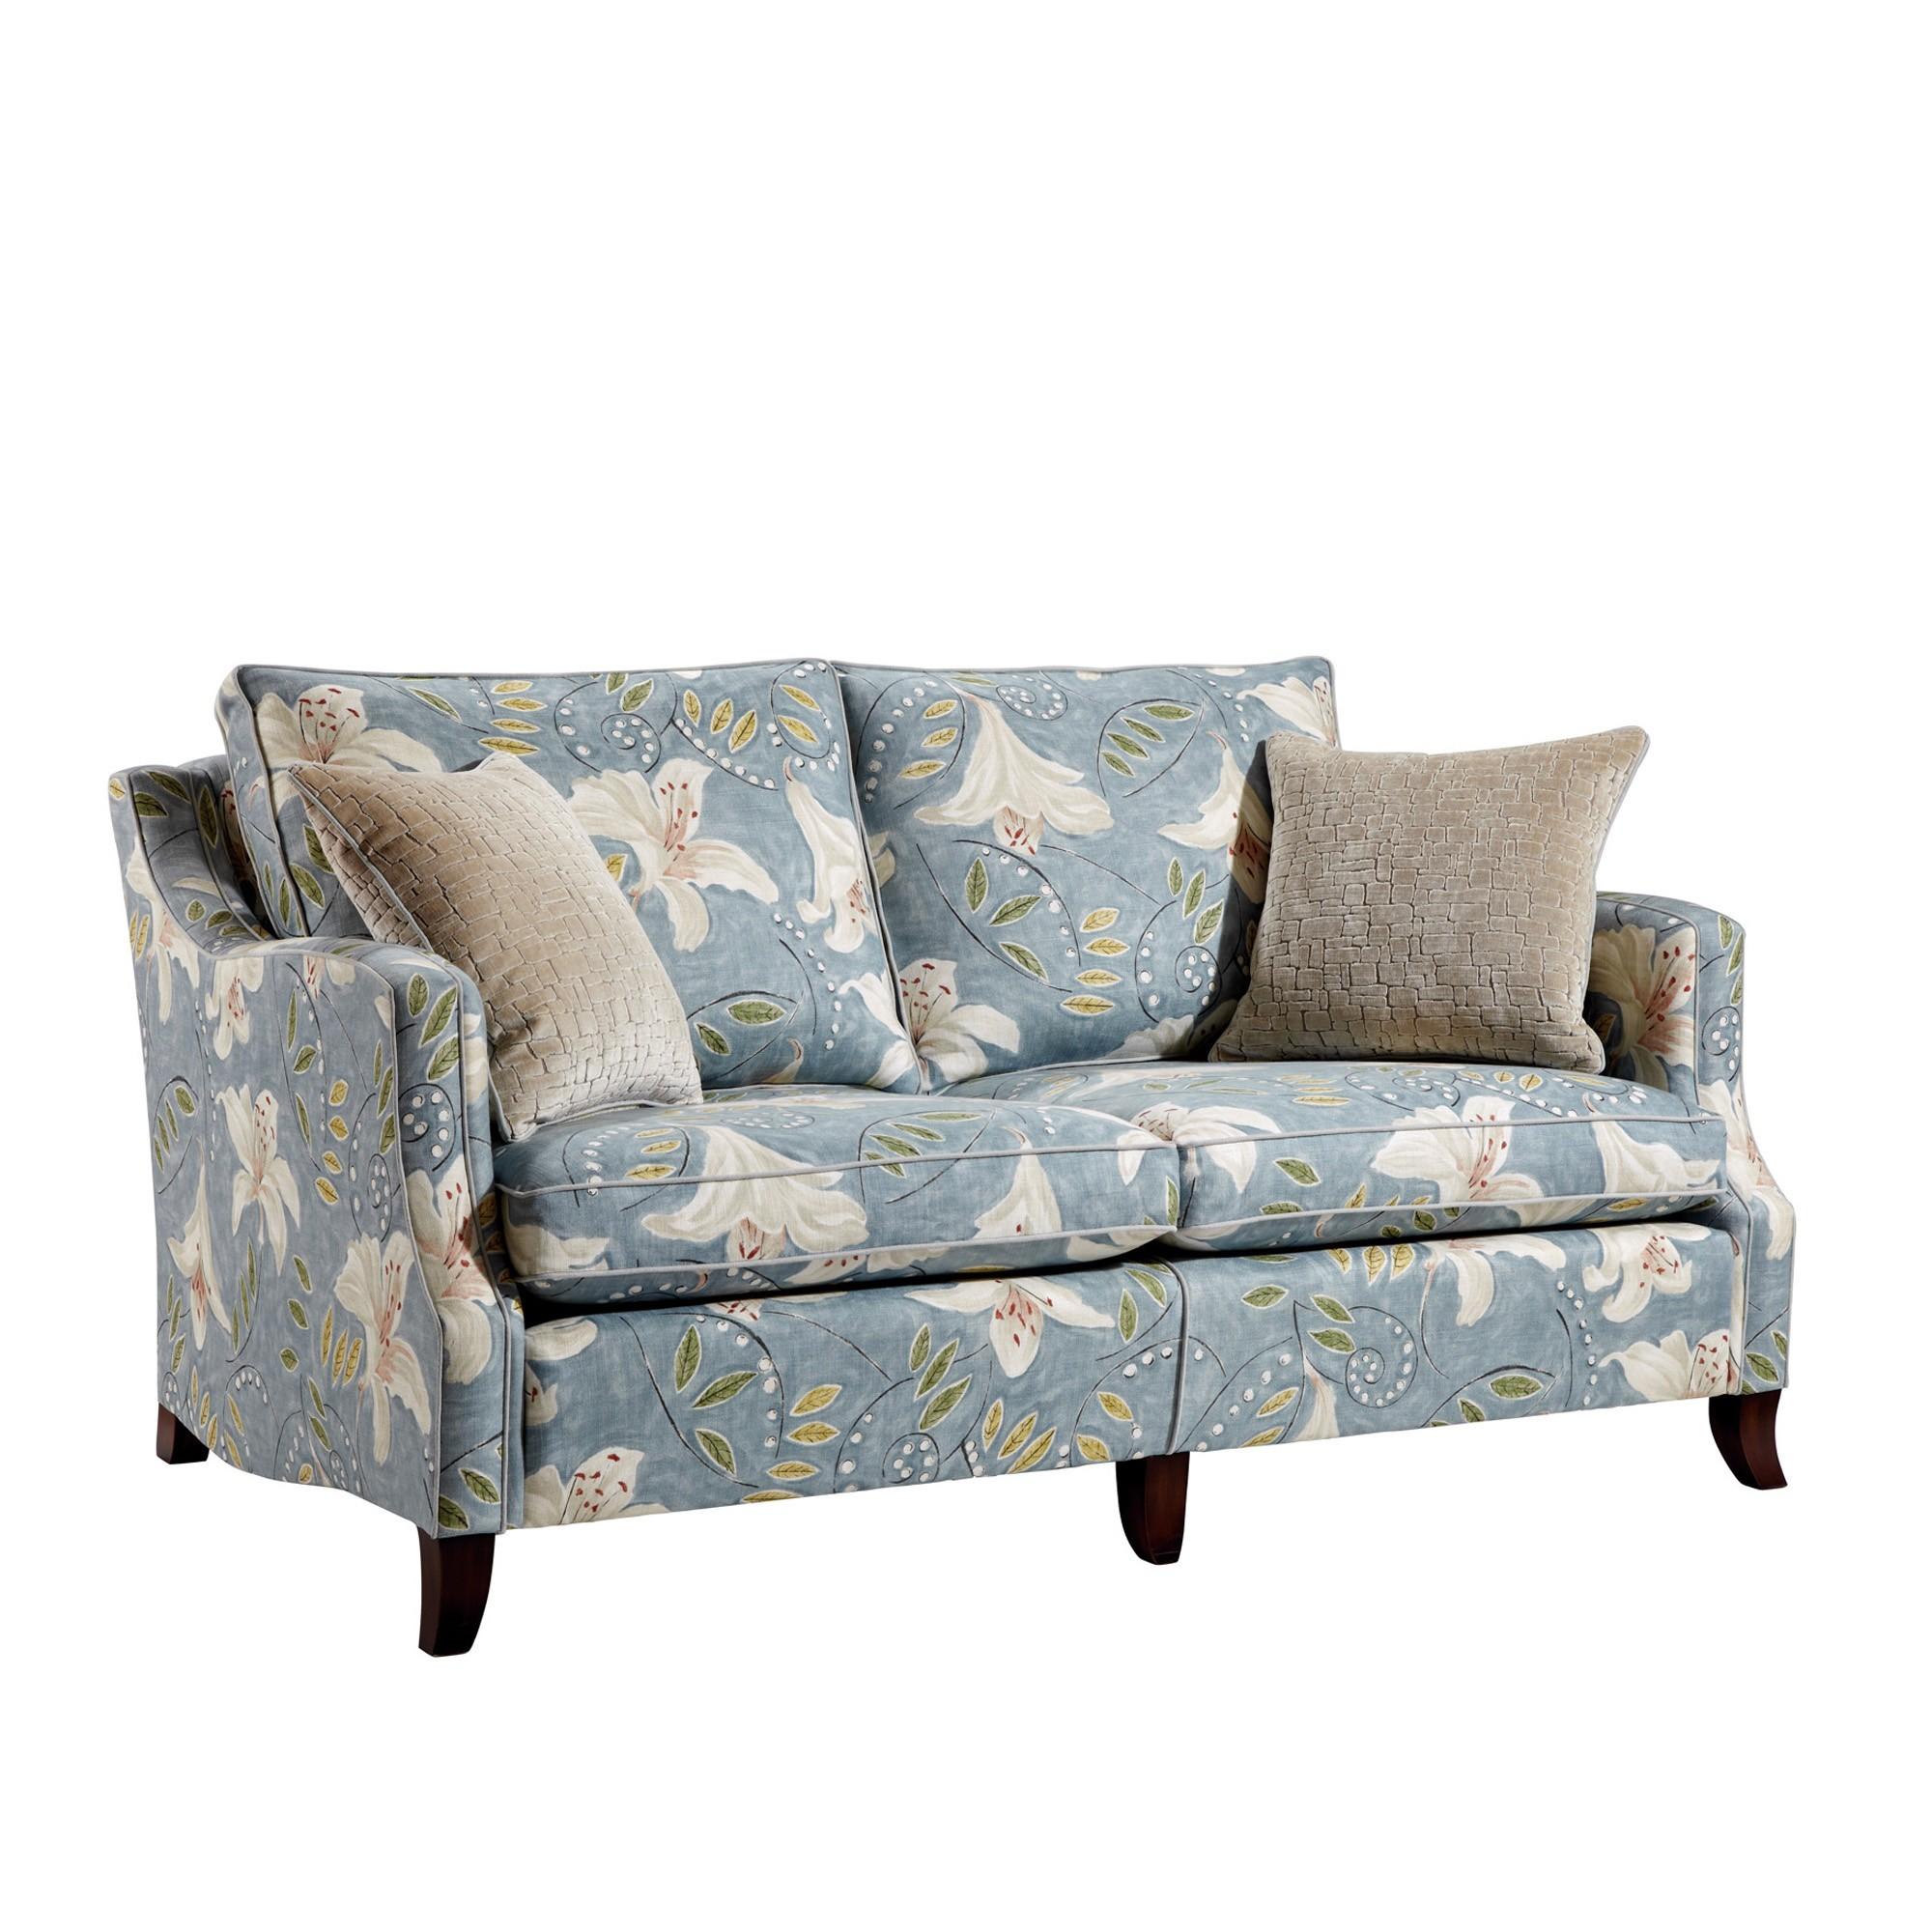 Bedroom Recliner Chairs Bedroom Furniture Floor Plan Cream Carpet Bedroom Bedroom Bench Uk: Duresta Amelia Medium Sofa